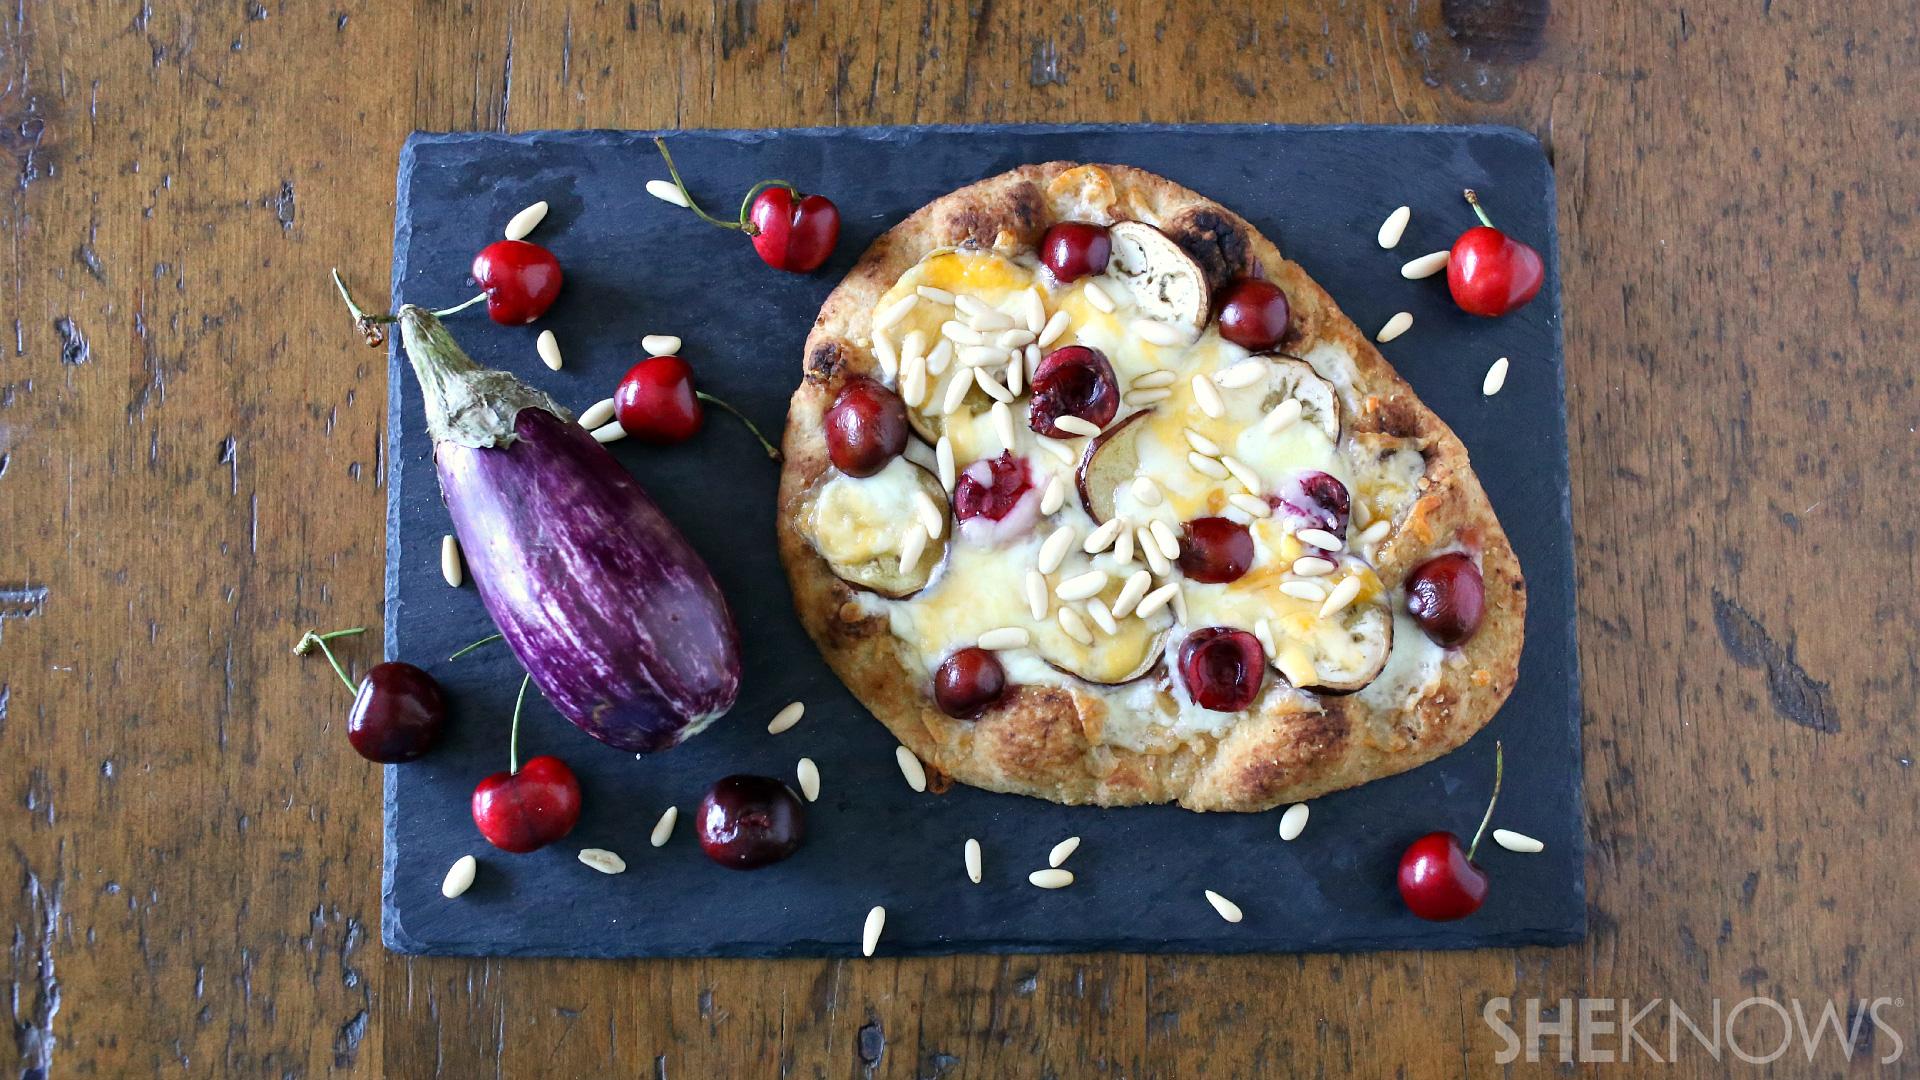 Eggplant, pine nut and cherry flatbread pizza